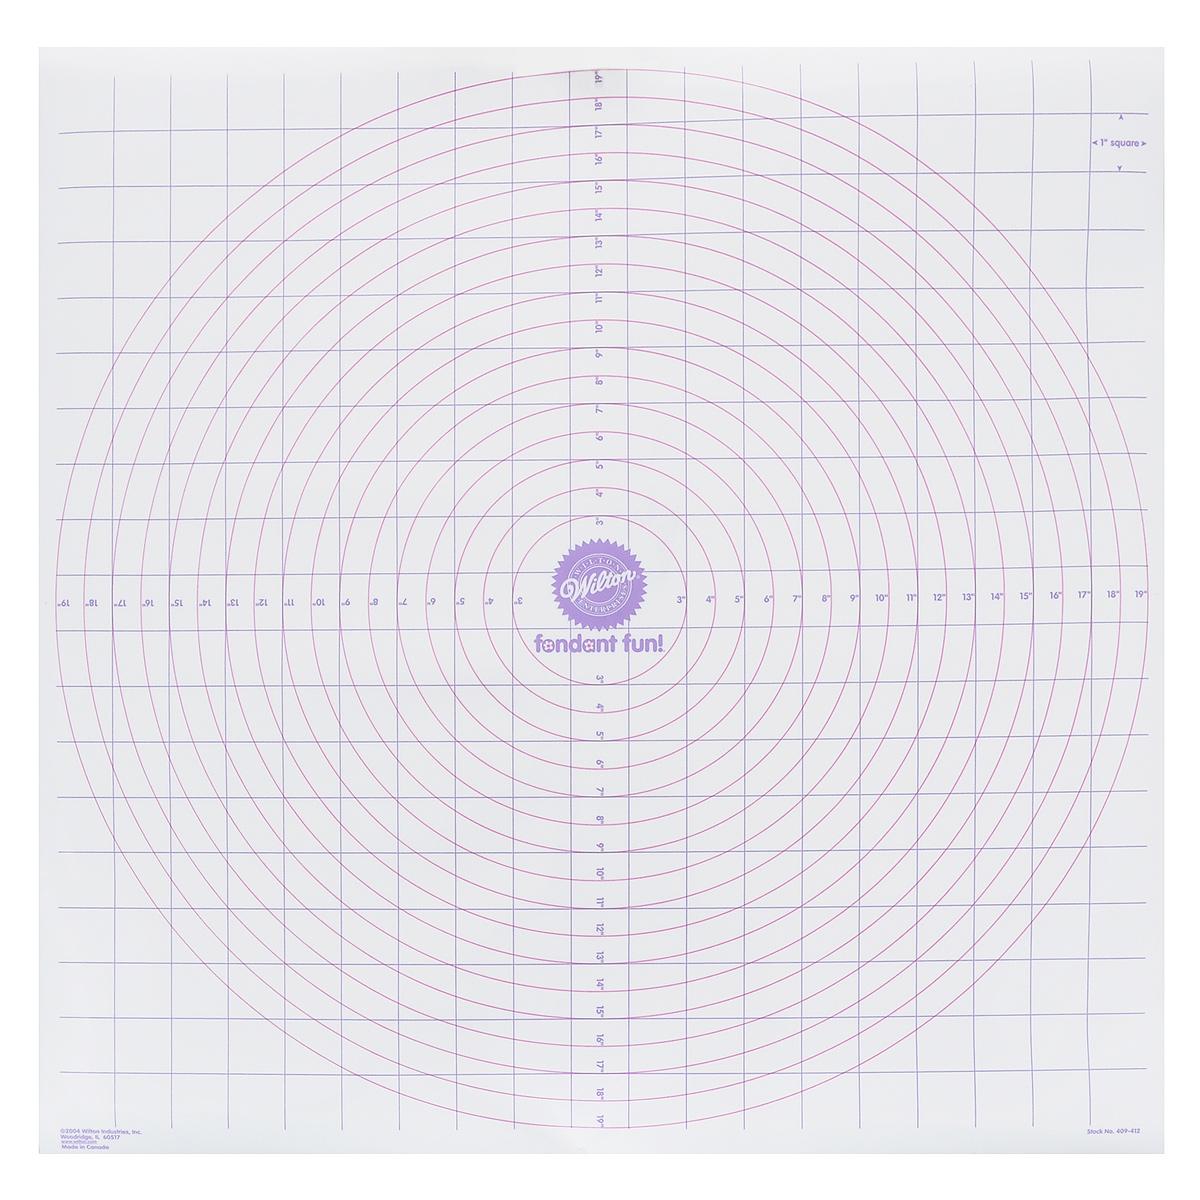 Мат кондитерский Wilton Раскатай и отрезай, 50 см х 50 смWLT-409-412Мат кондитерский Wilton Раскатай и отрезай изготовлен из тонкого пластика с неприлипающей поверхностью. Используется для точного отмеривания, раскатывания и отрезания кондитерской мастики или теста. На мат нанесены круги определенных размеров. Нанесенная сетка поможет отрезать квадраты или полосы нужного размера. Ход работы: 1. Посыпьте скалку и мат кондитерским сахаром (пудрой). 2. Положите мастику на мат, раскатайте до толщины приблизительно 0,13-0,6 см. 3. Отрежьте нужную фигуру(ы) резаком или формочкой. Кондитерский мат поможет быстро и легко приготовить тесто для вашей выпечки.